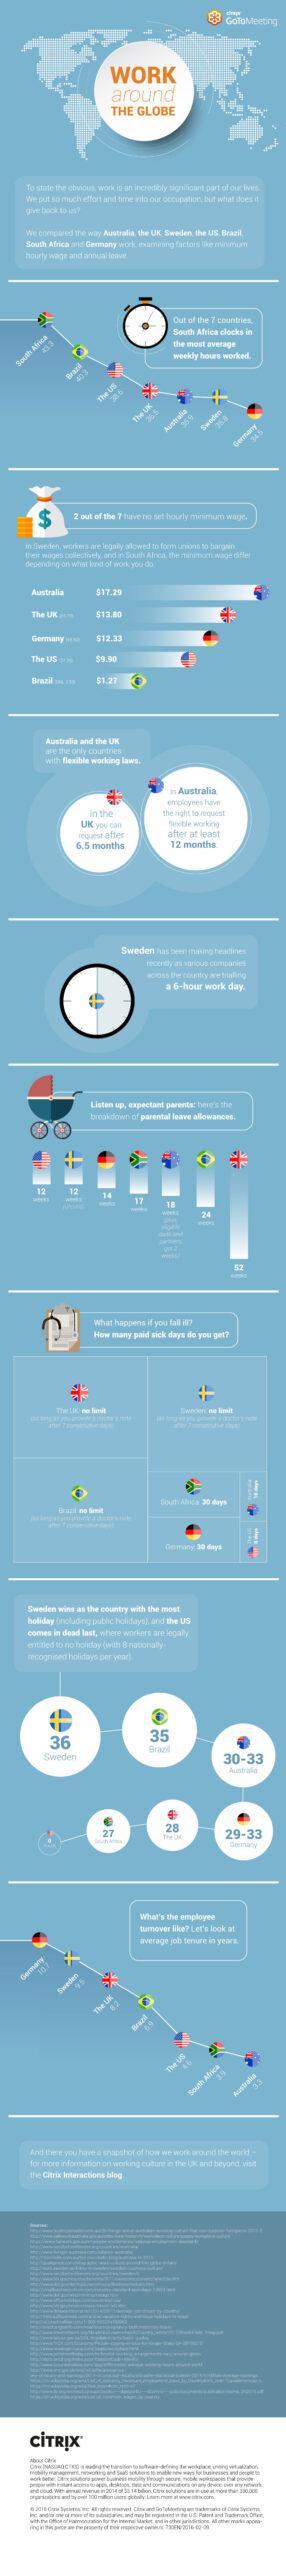 730AU_Infographic_Work-Around-the-Globe_UPDATED (002)